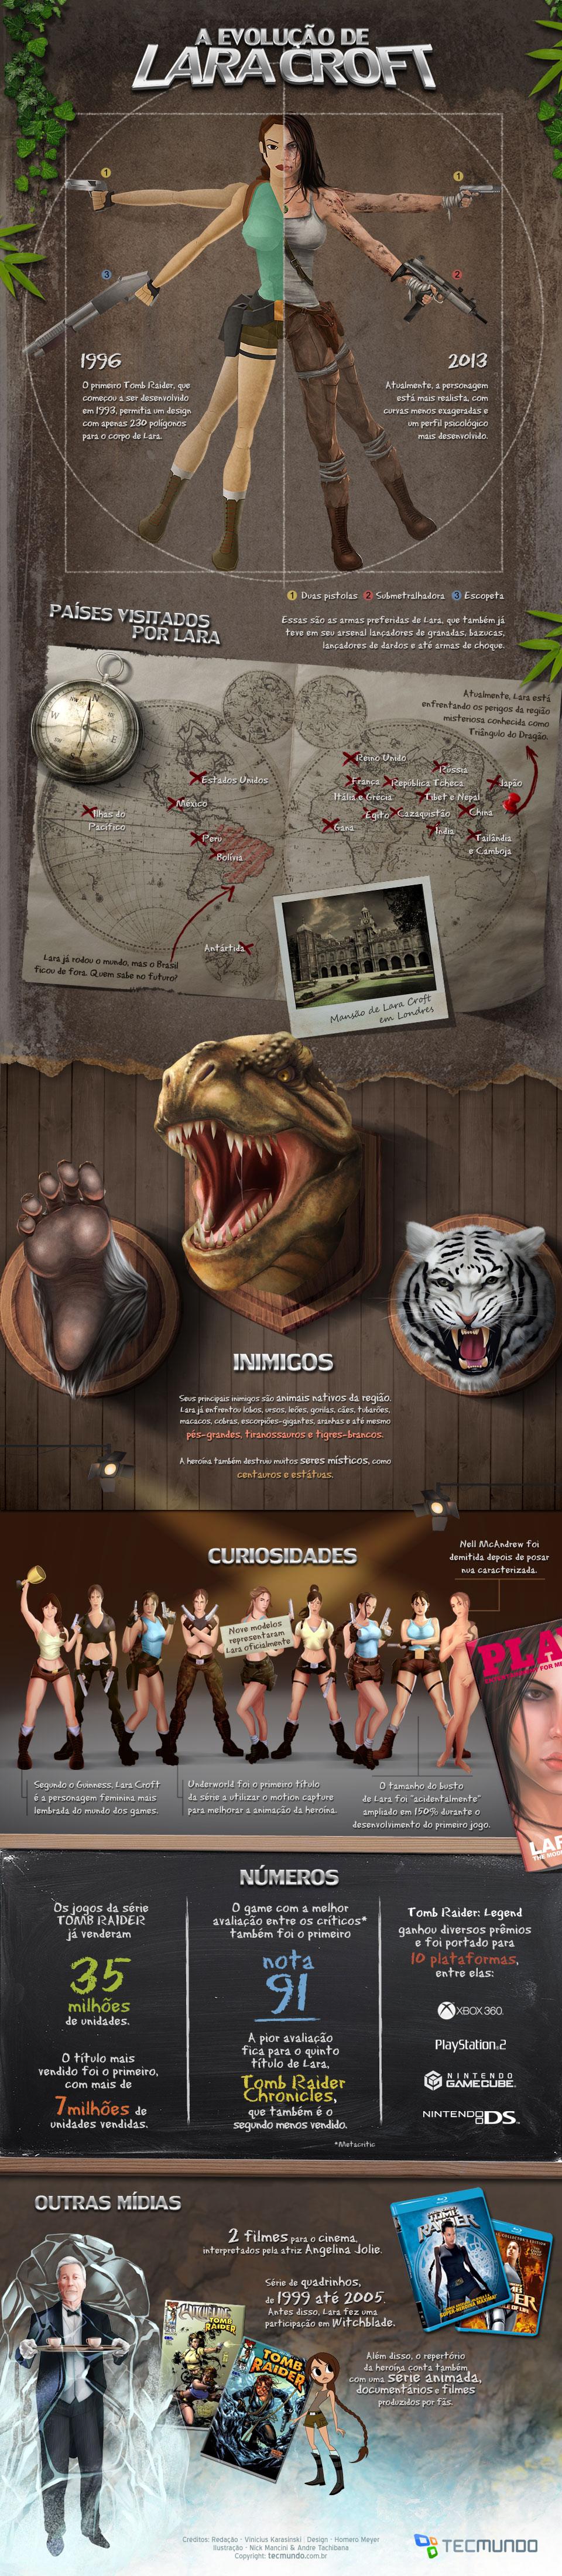 A evolução de Lara Croft [infográfico]